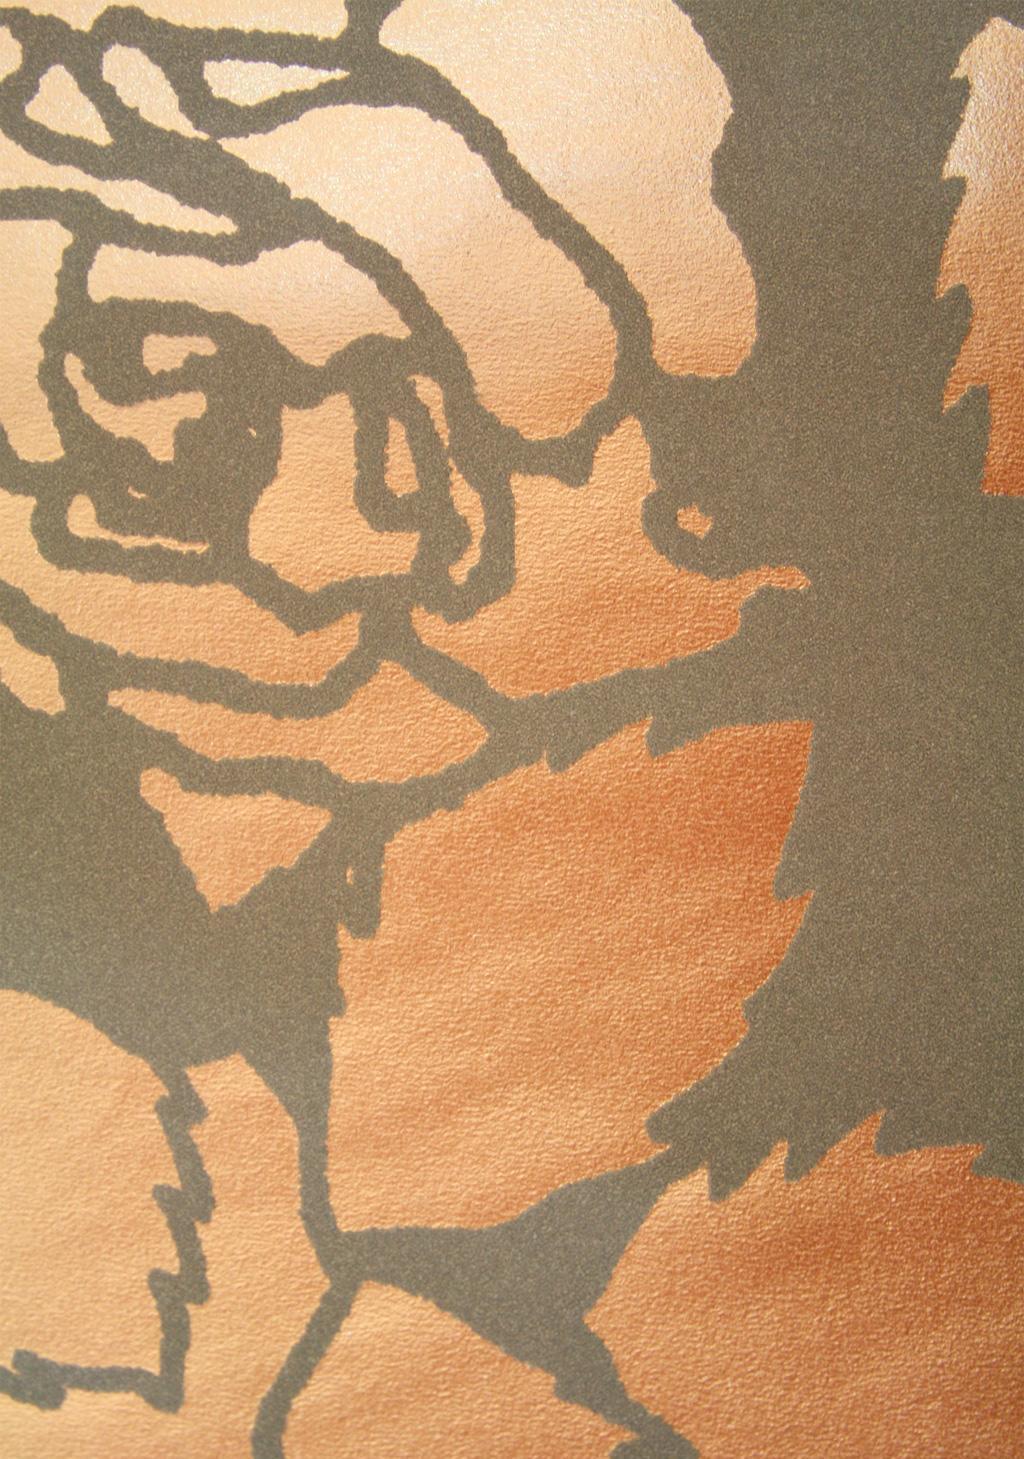 豪美迪壁纸欧式系列-5544455444